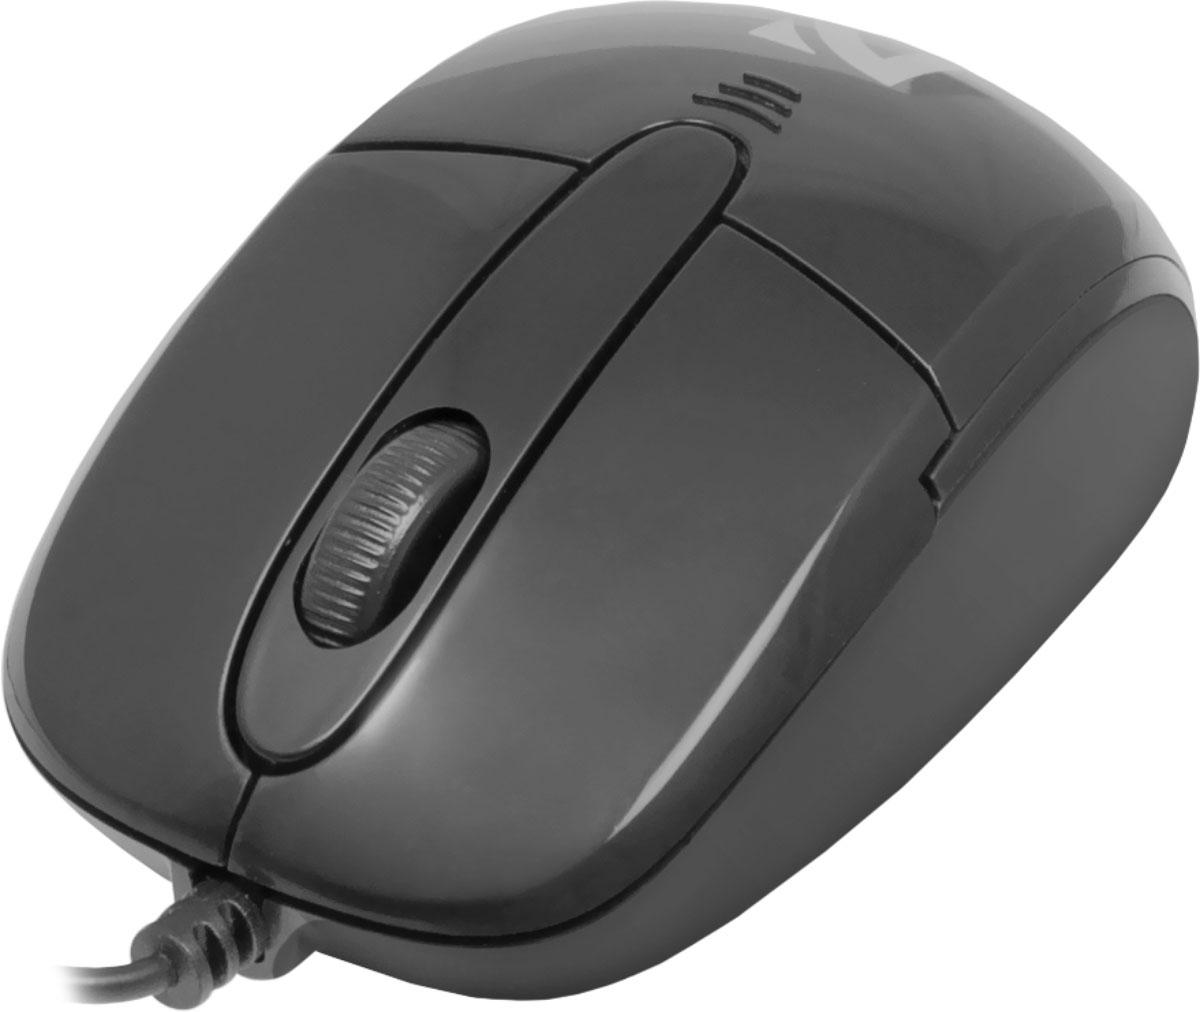 Defender Optimum MS-130, Black проводная оптическая мышь